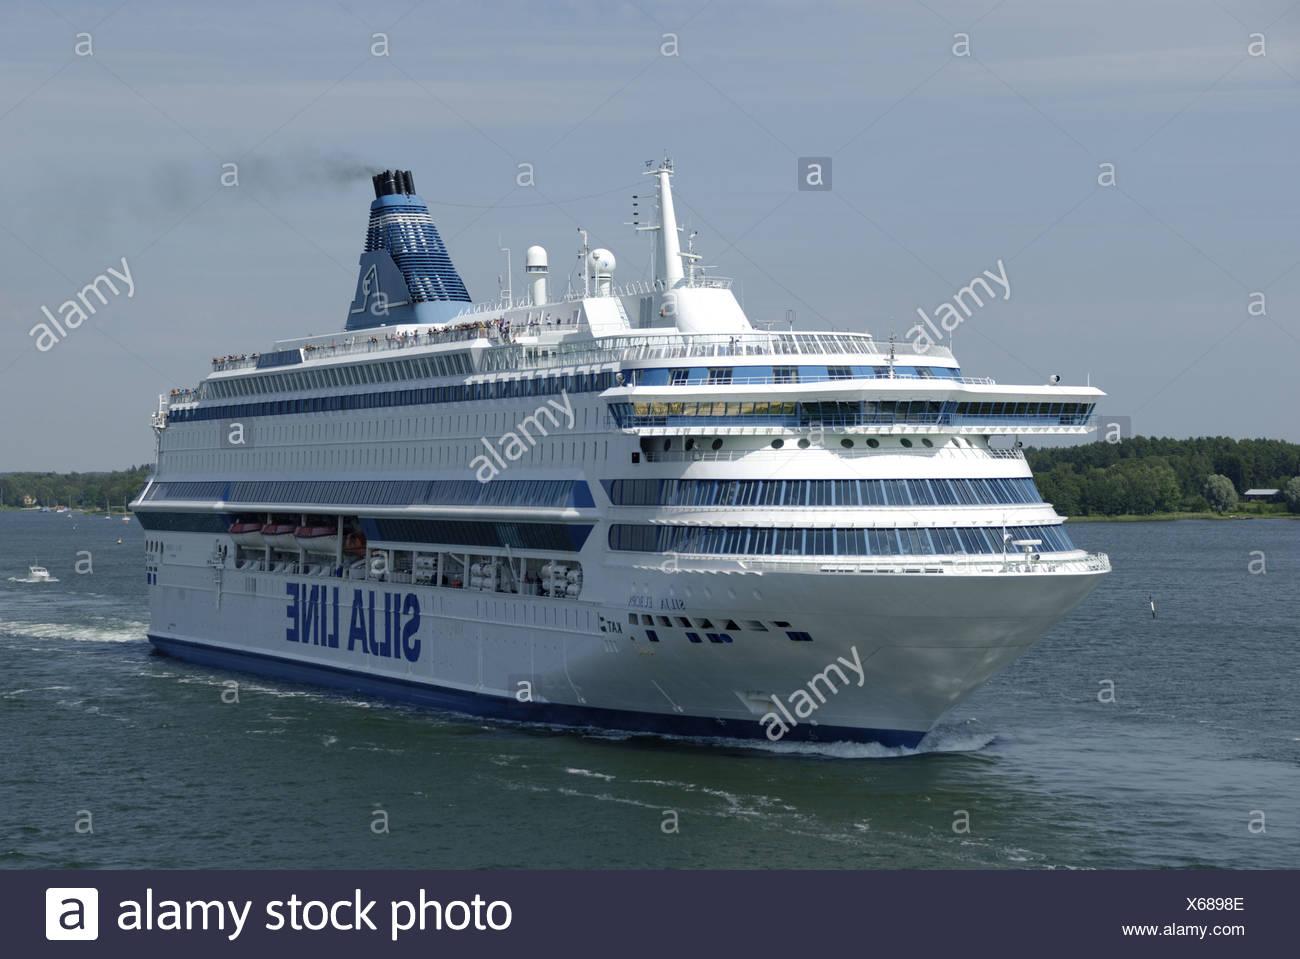 MS Silja Europa in Mariehamn - Stock Image